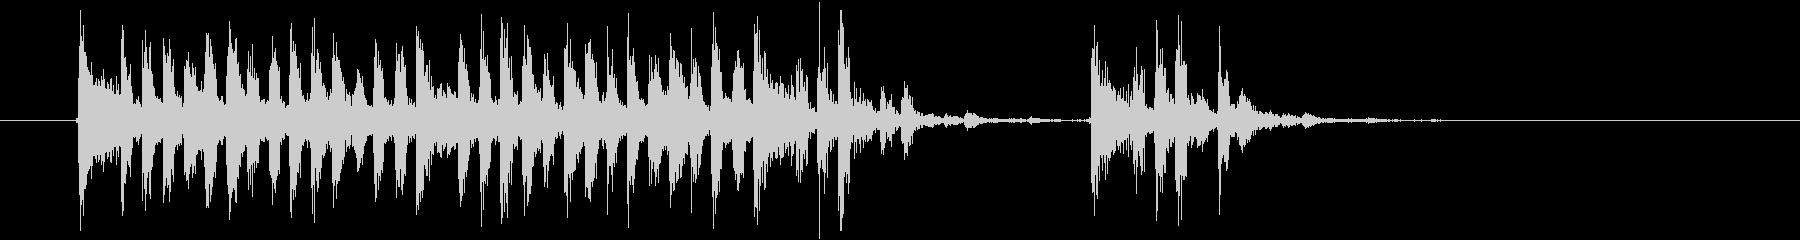 激しくミステリアスな音楽の未再生の波形